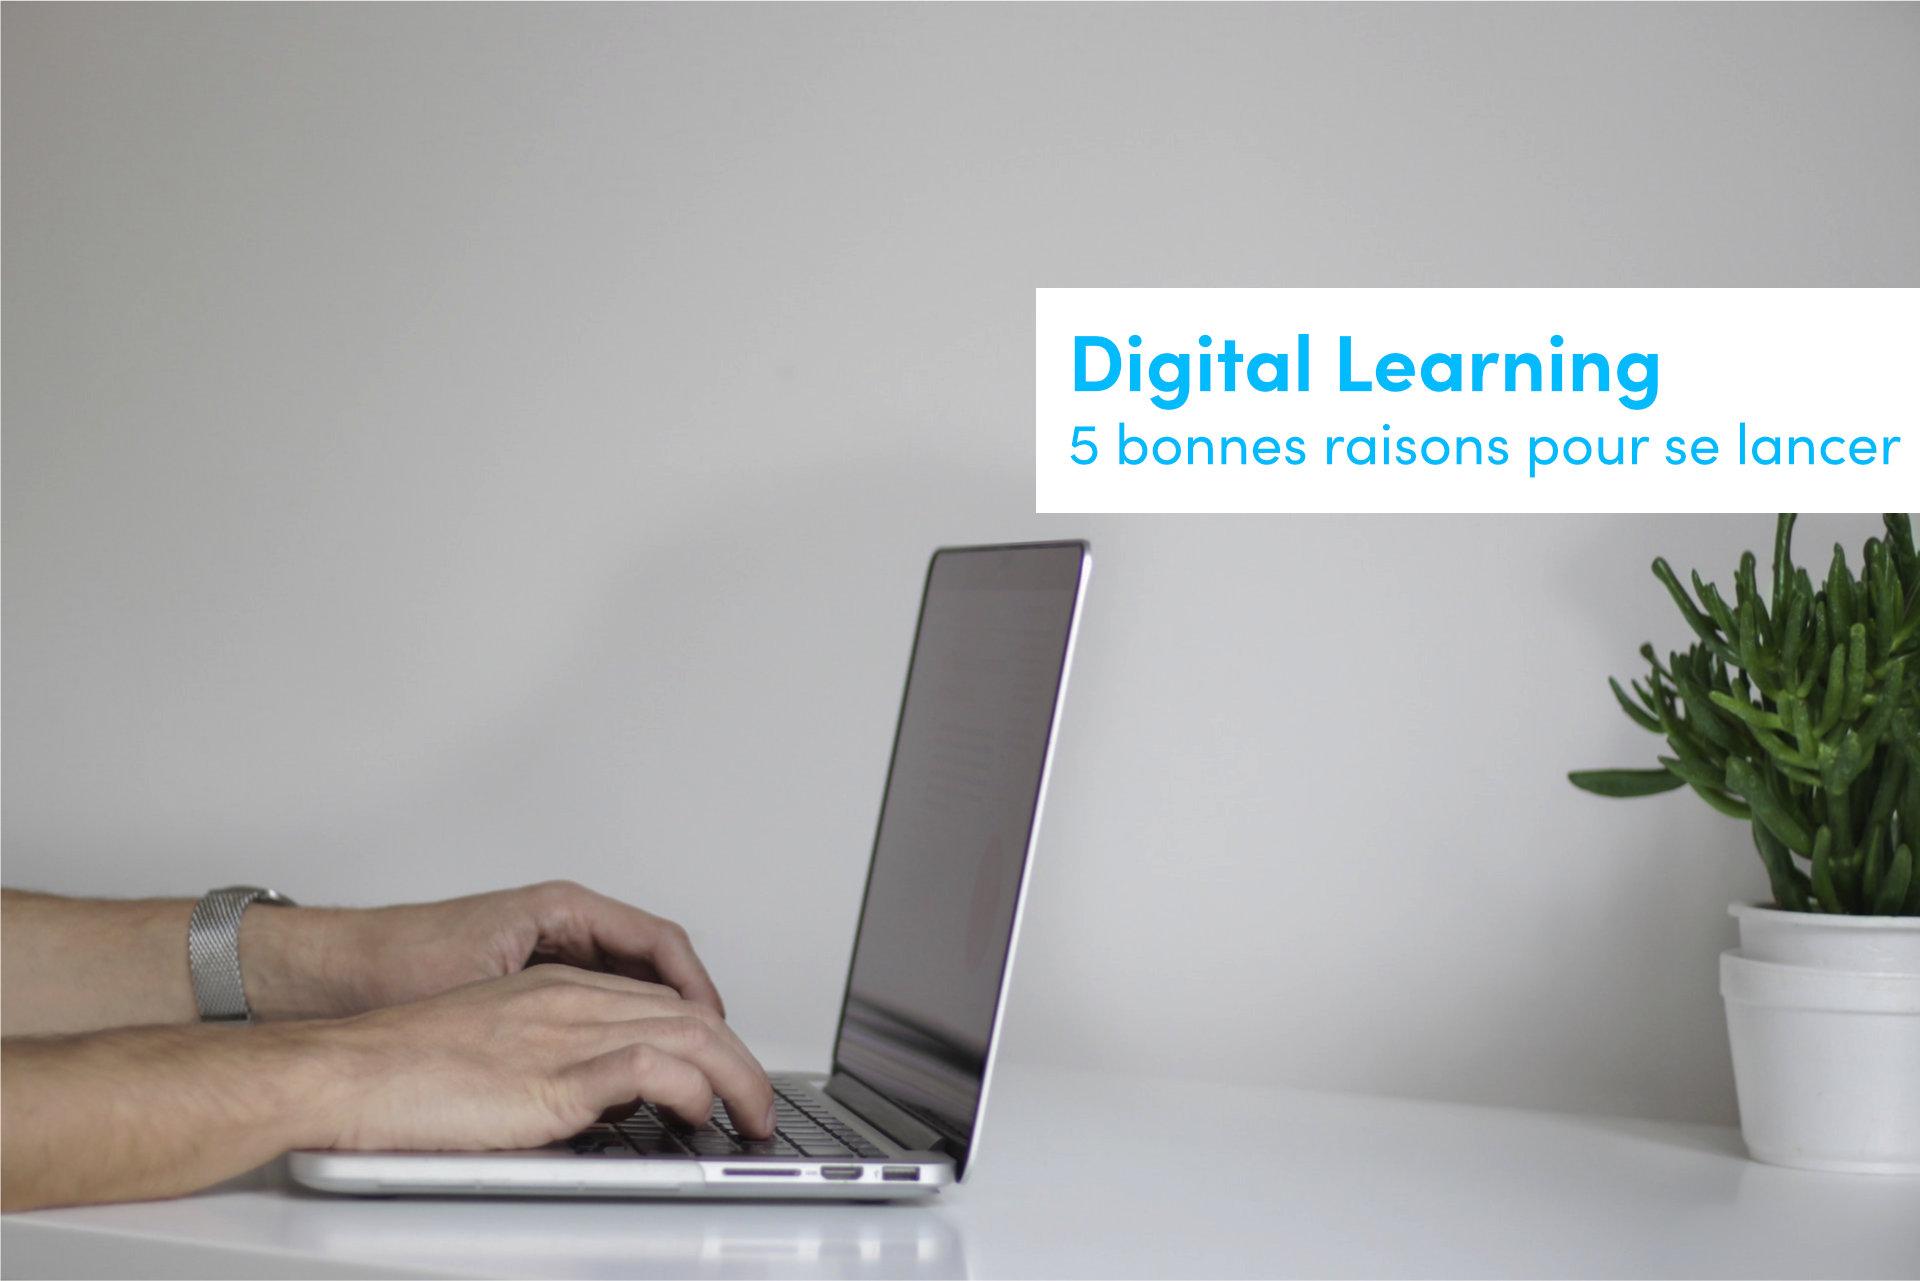 digital learning les 5 bonnes raisons pour se lancer